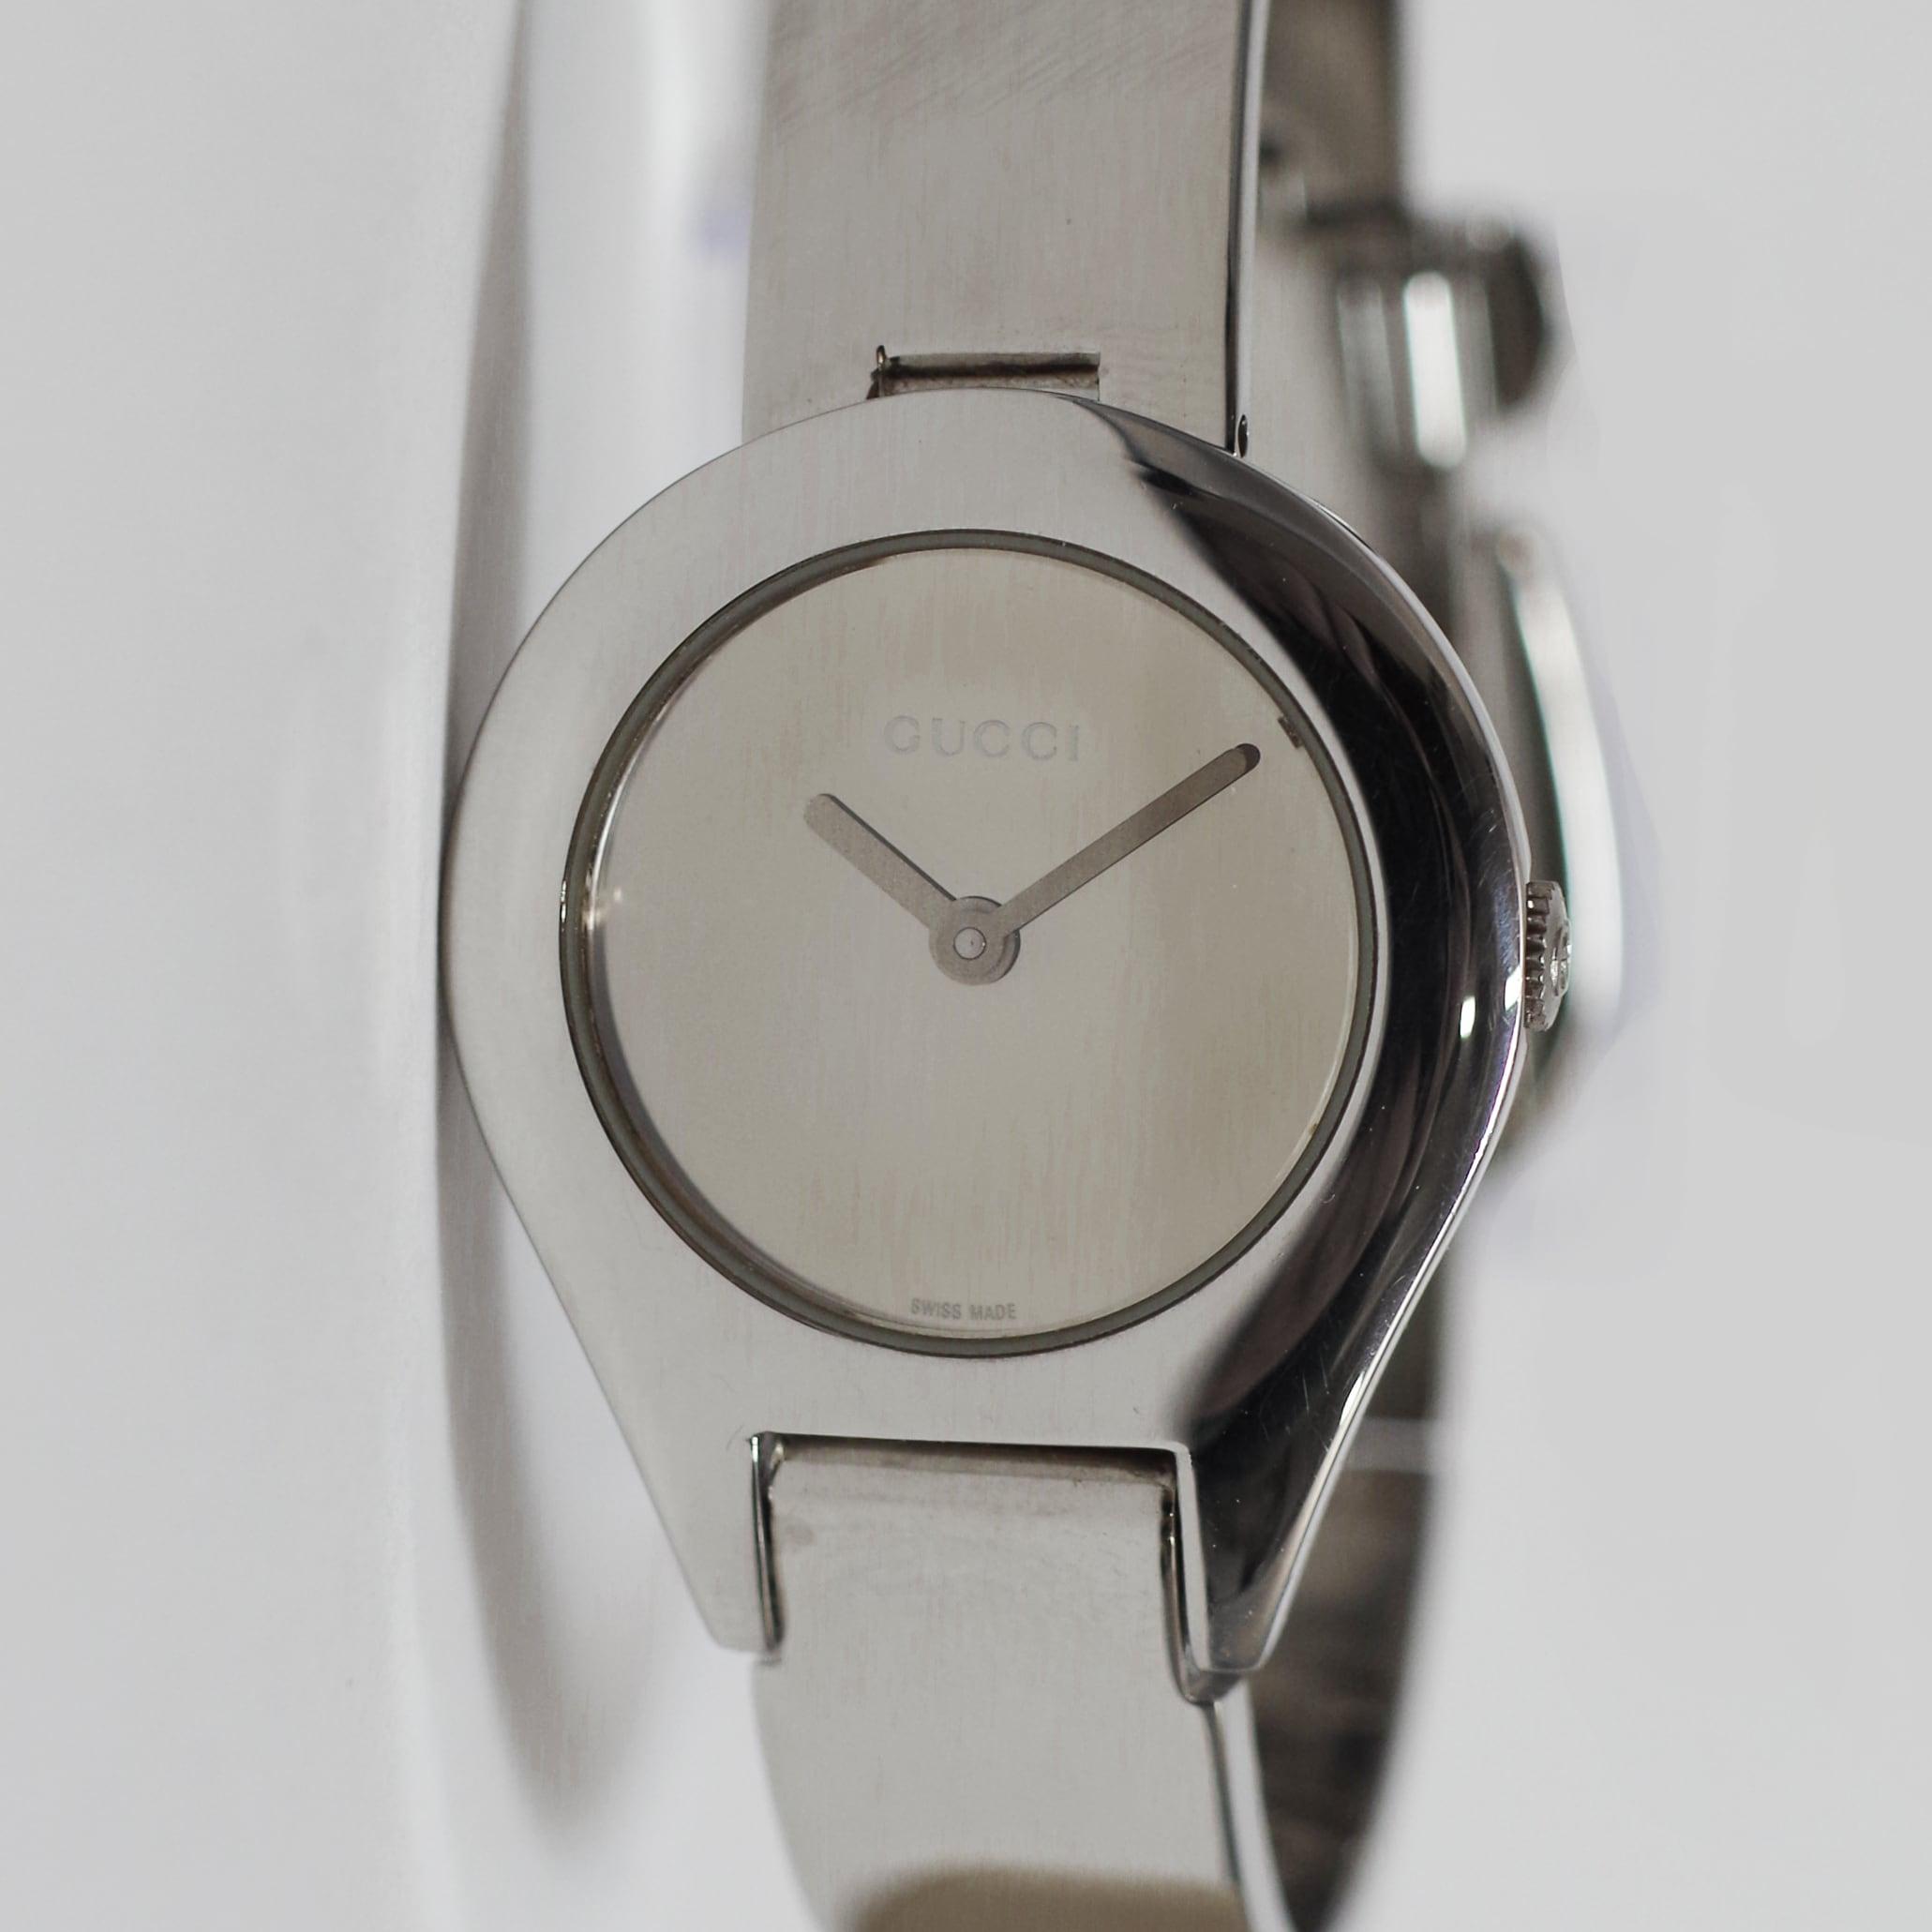 GUCCI グッチ6700L SS クオーツ ミラー文字盤 腕時計 レディース